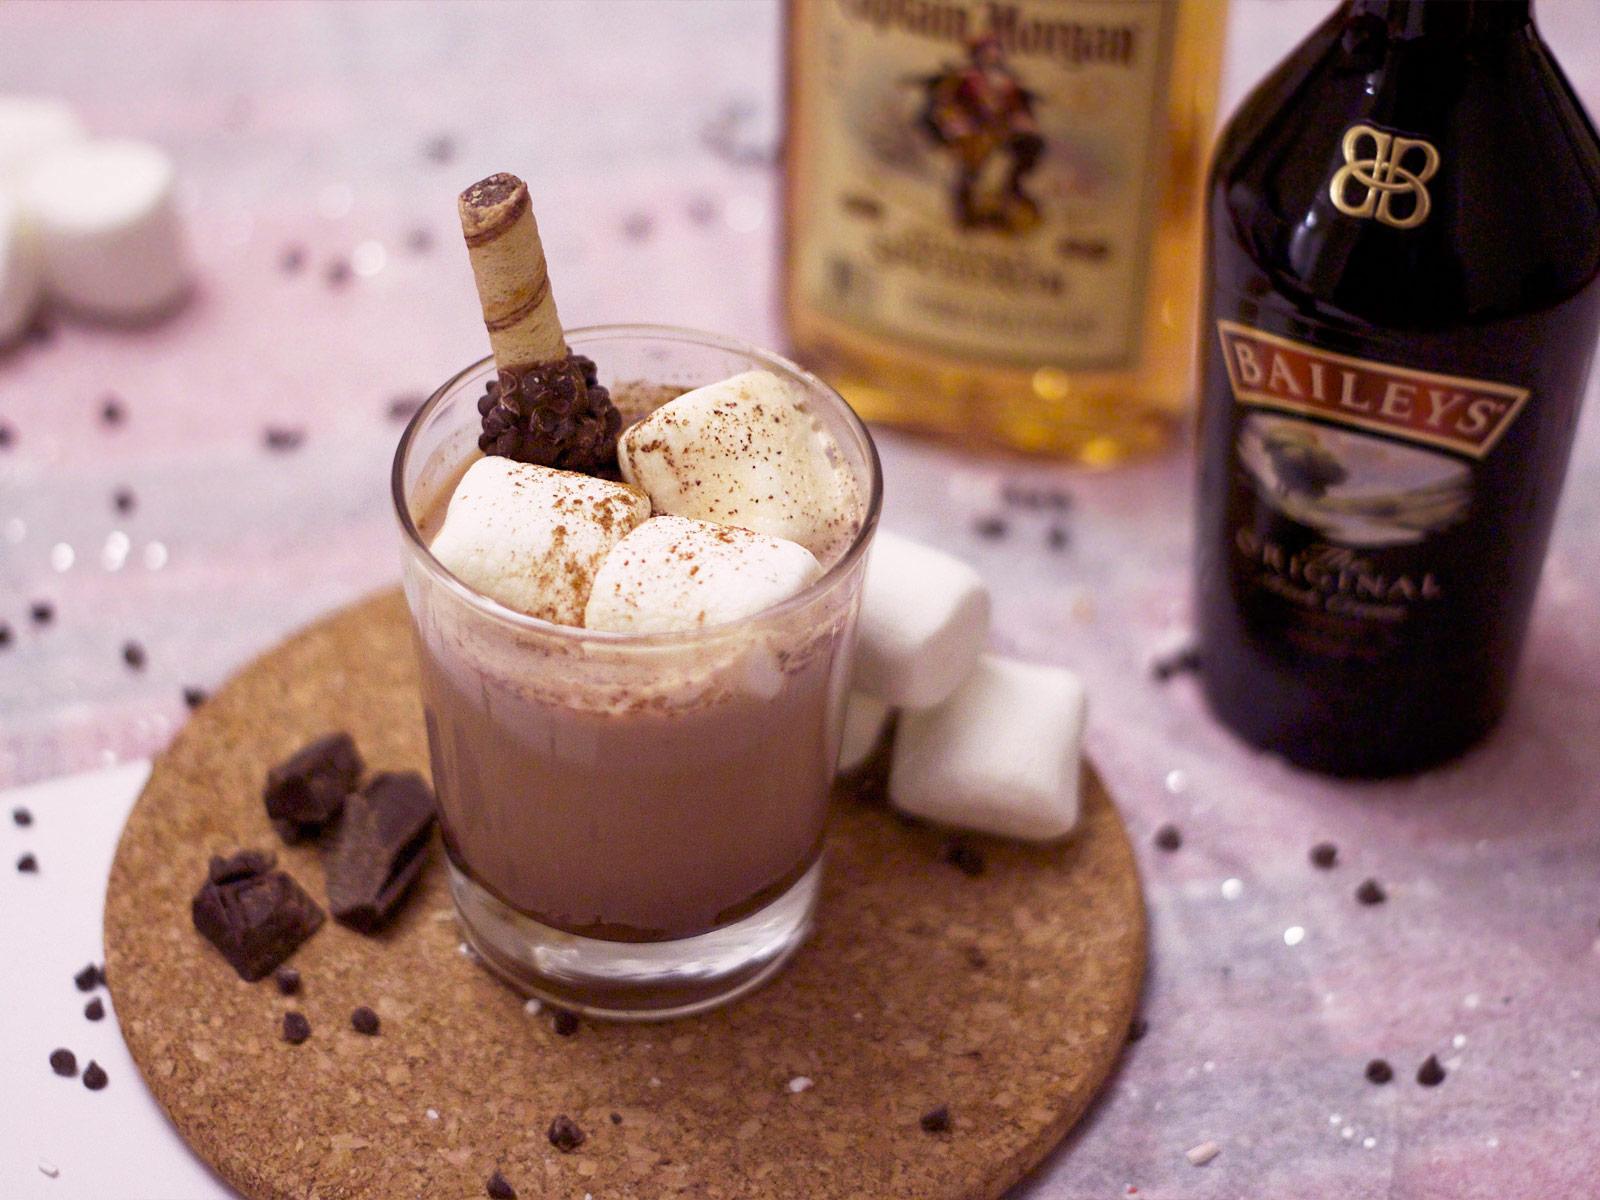 Коктейль с шоколадным ликером